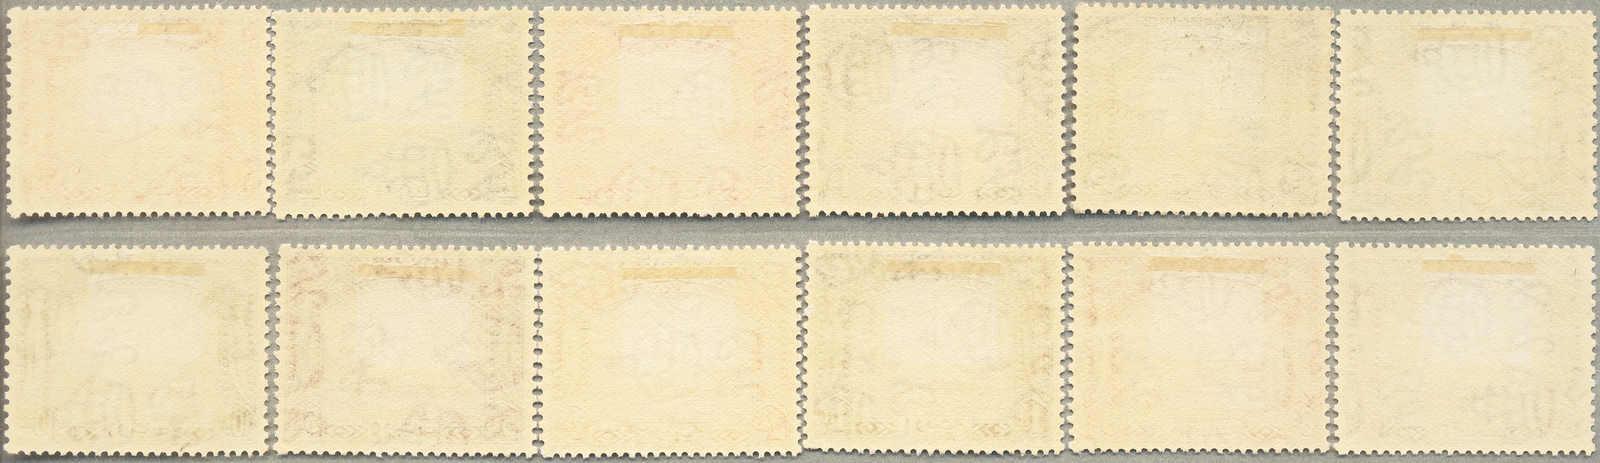 Lot 30266 - andere gebiete aden -  classicphil GmbH 6'th classicphil Auction - Day 3